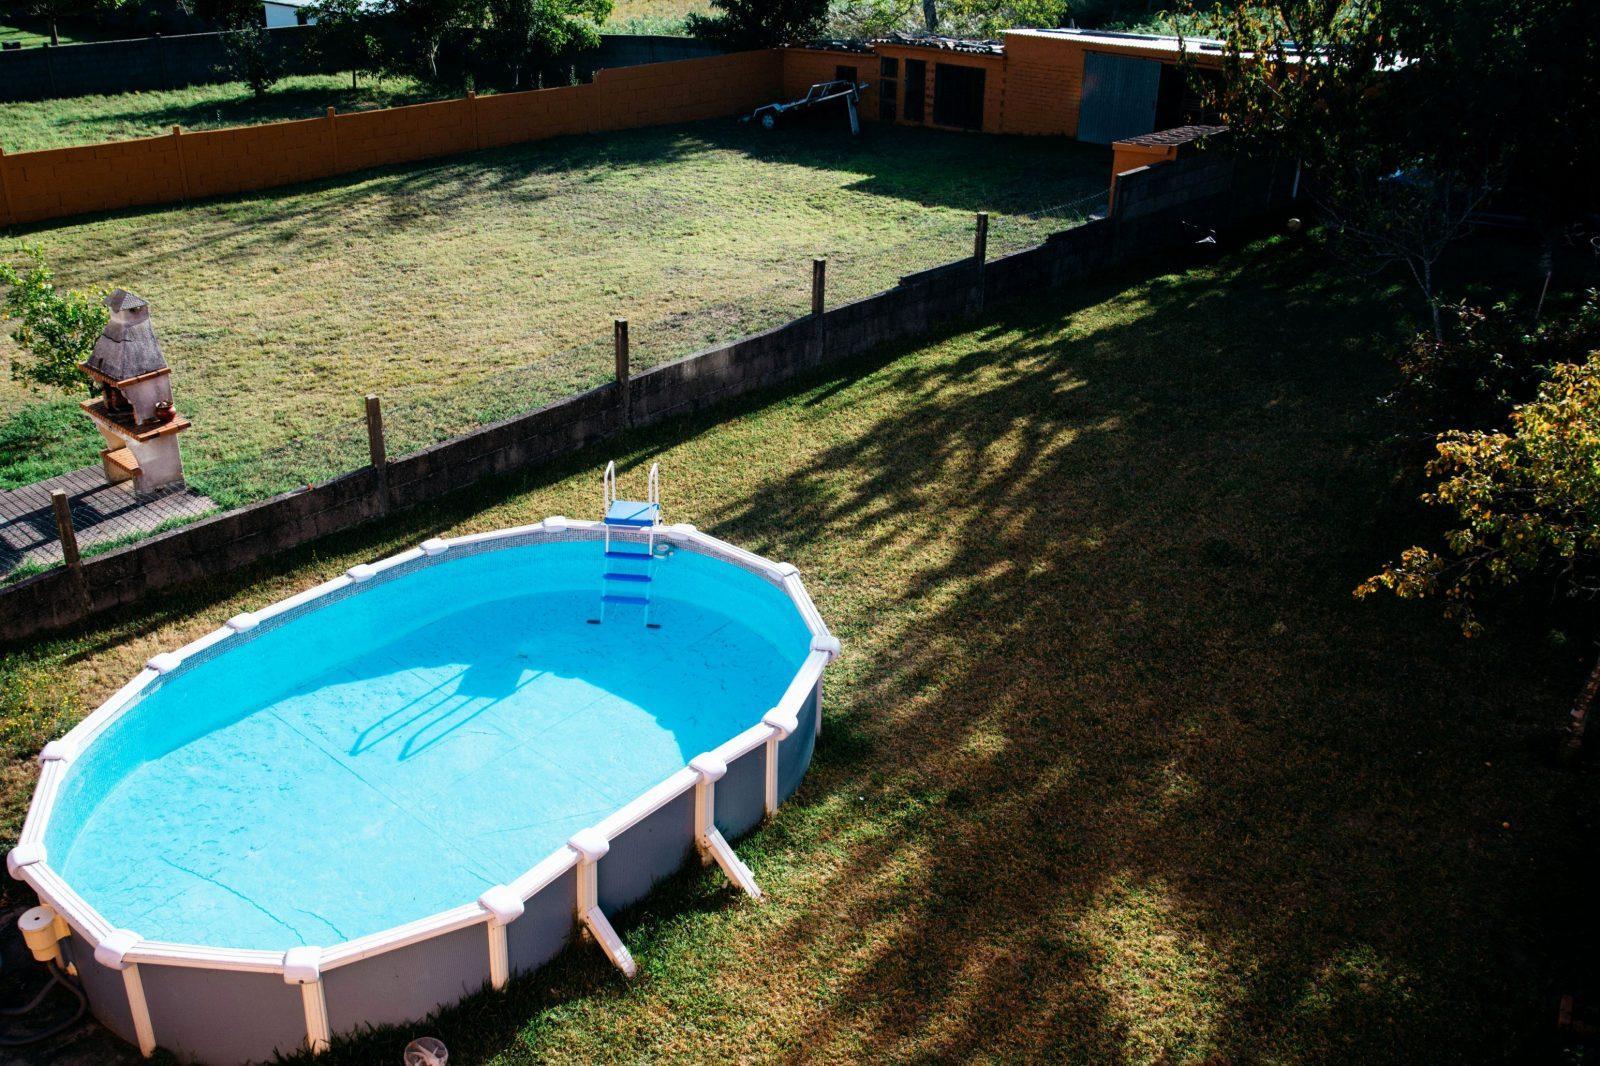 Schwimmbad Im Garten Kosten Schön Pool Selber Bauen Preise Für von Kleiner Pool Im Garten Selber Bauen Photo